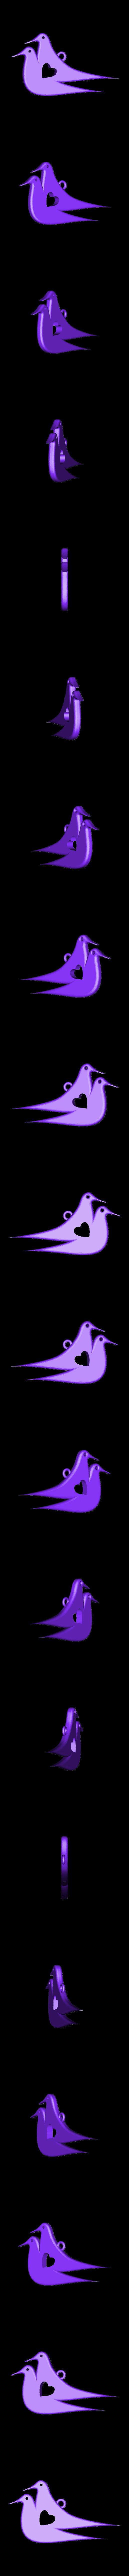 TDoves.stl Download free STL file Turtle dove tree ornament • 3D printer design, Cilshell